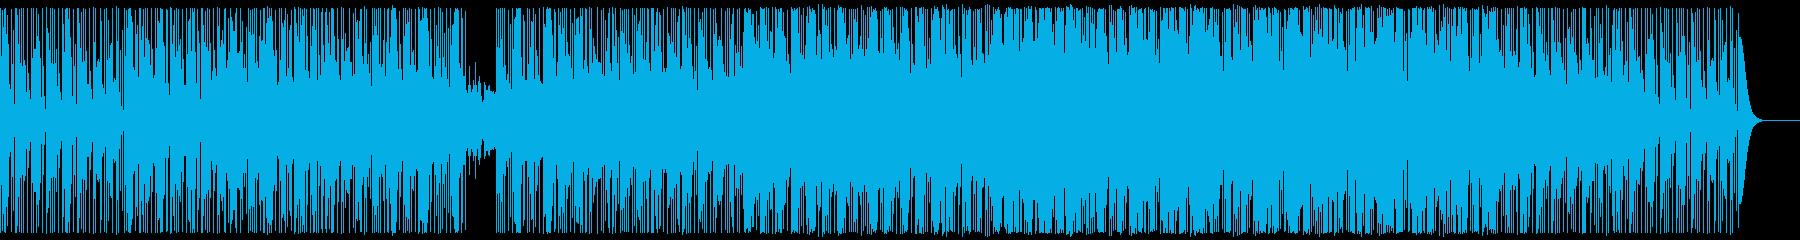 ジングル用に最適化されたエレクトロ曲の再生済みの波形